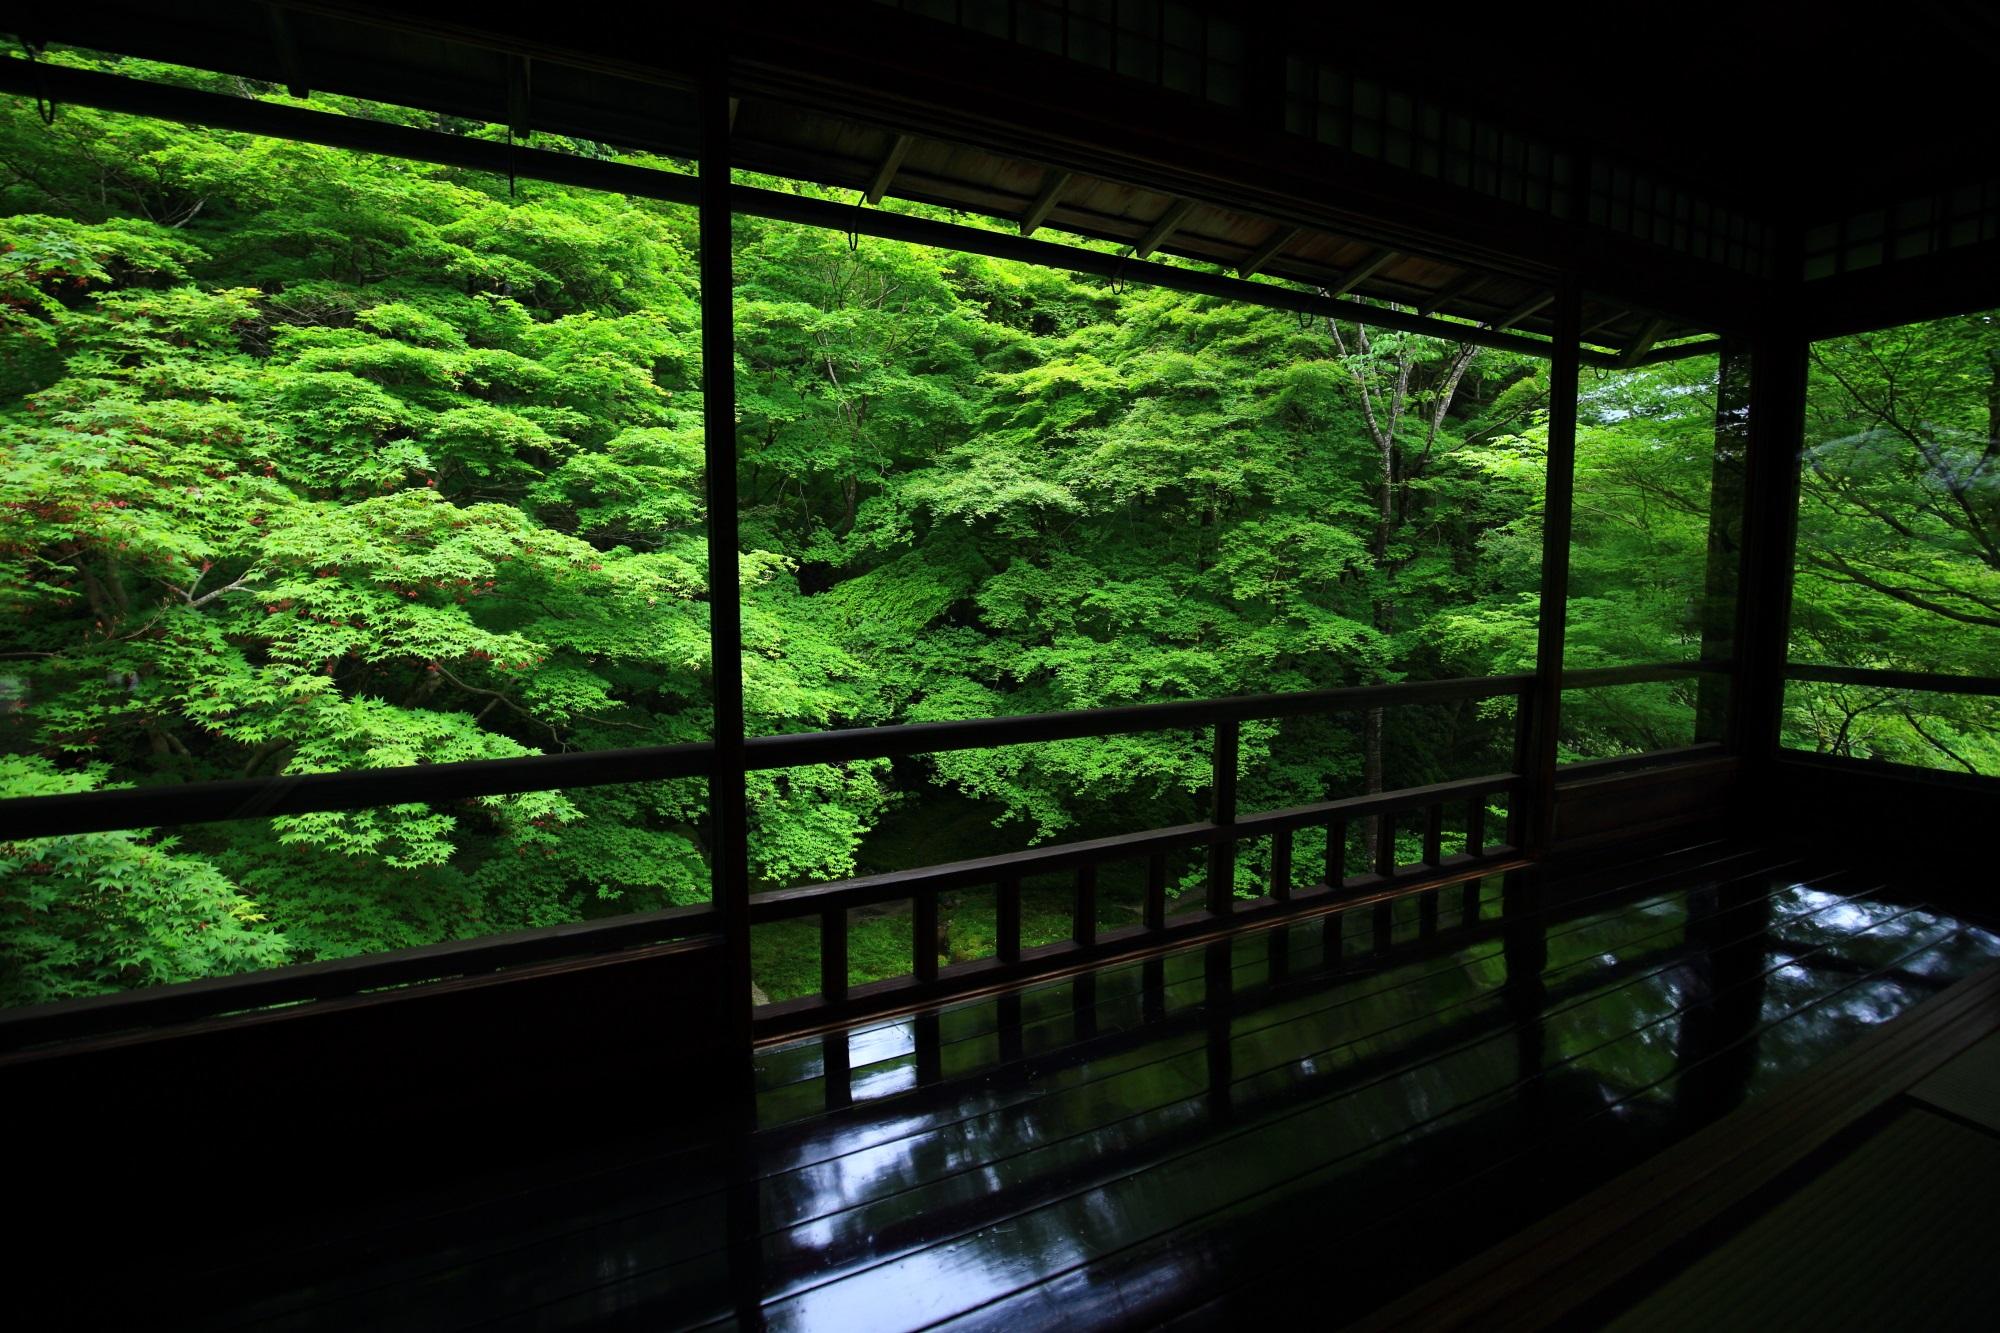 京都八瀬の秘境の瑠璃光院の綺麗な新緑と青もみじ